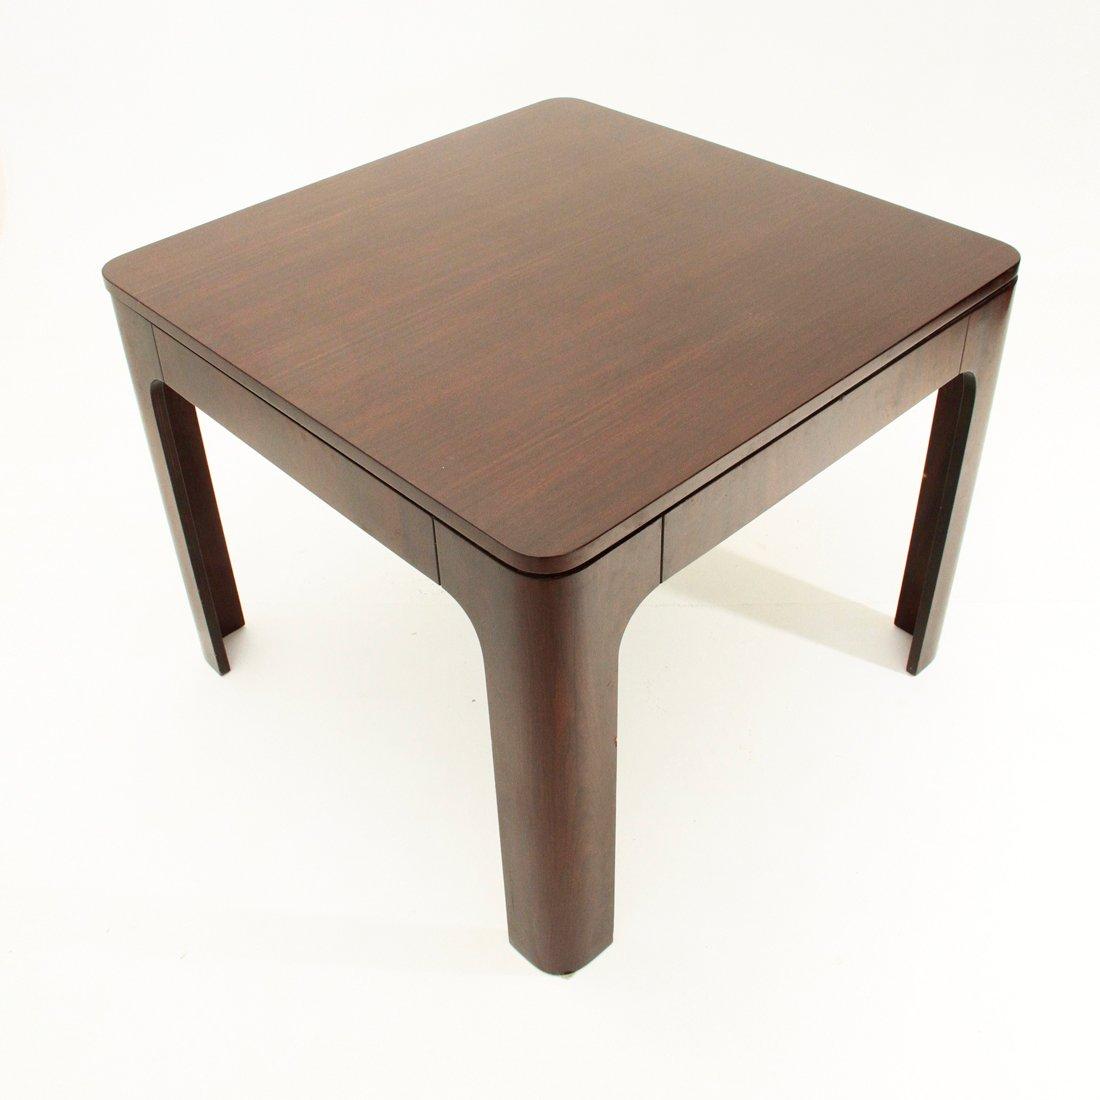 ausziehbarer quadratischer italienischer palisander. Black Bedroom Furniture Sets. Home Design Ideas